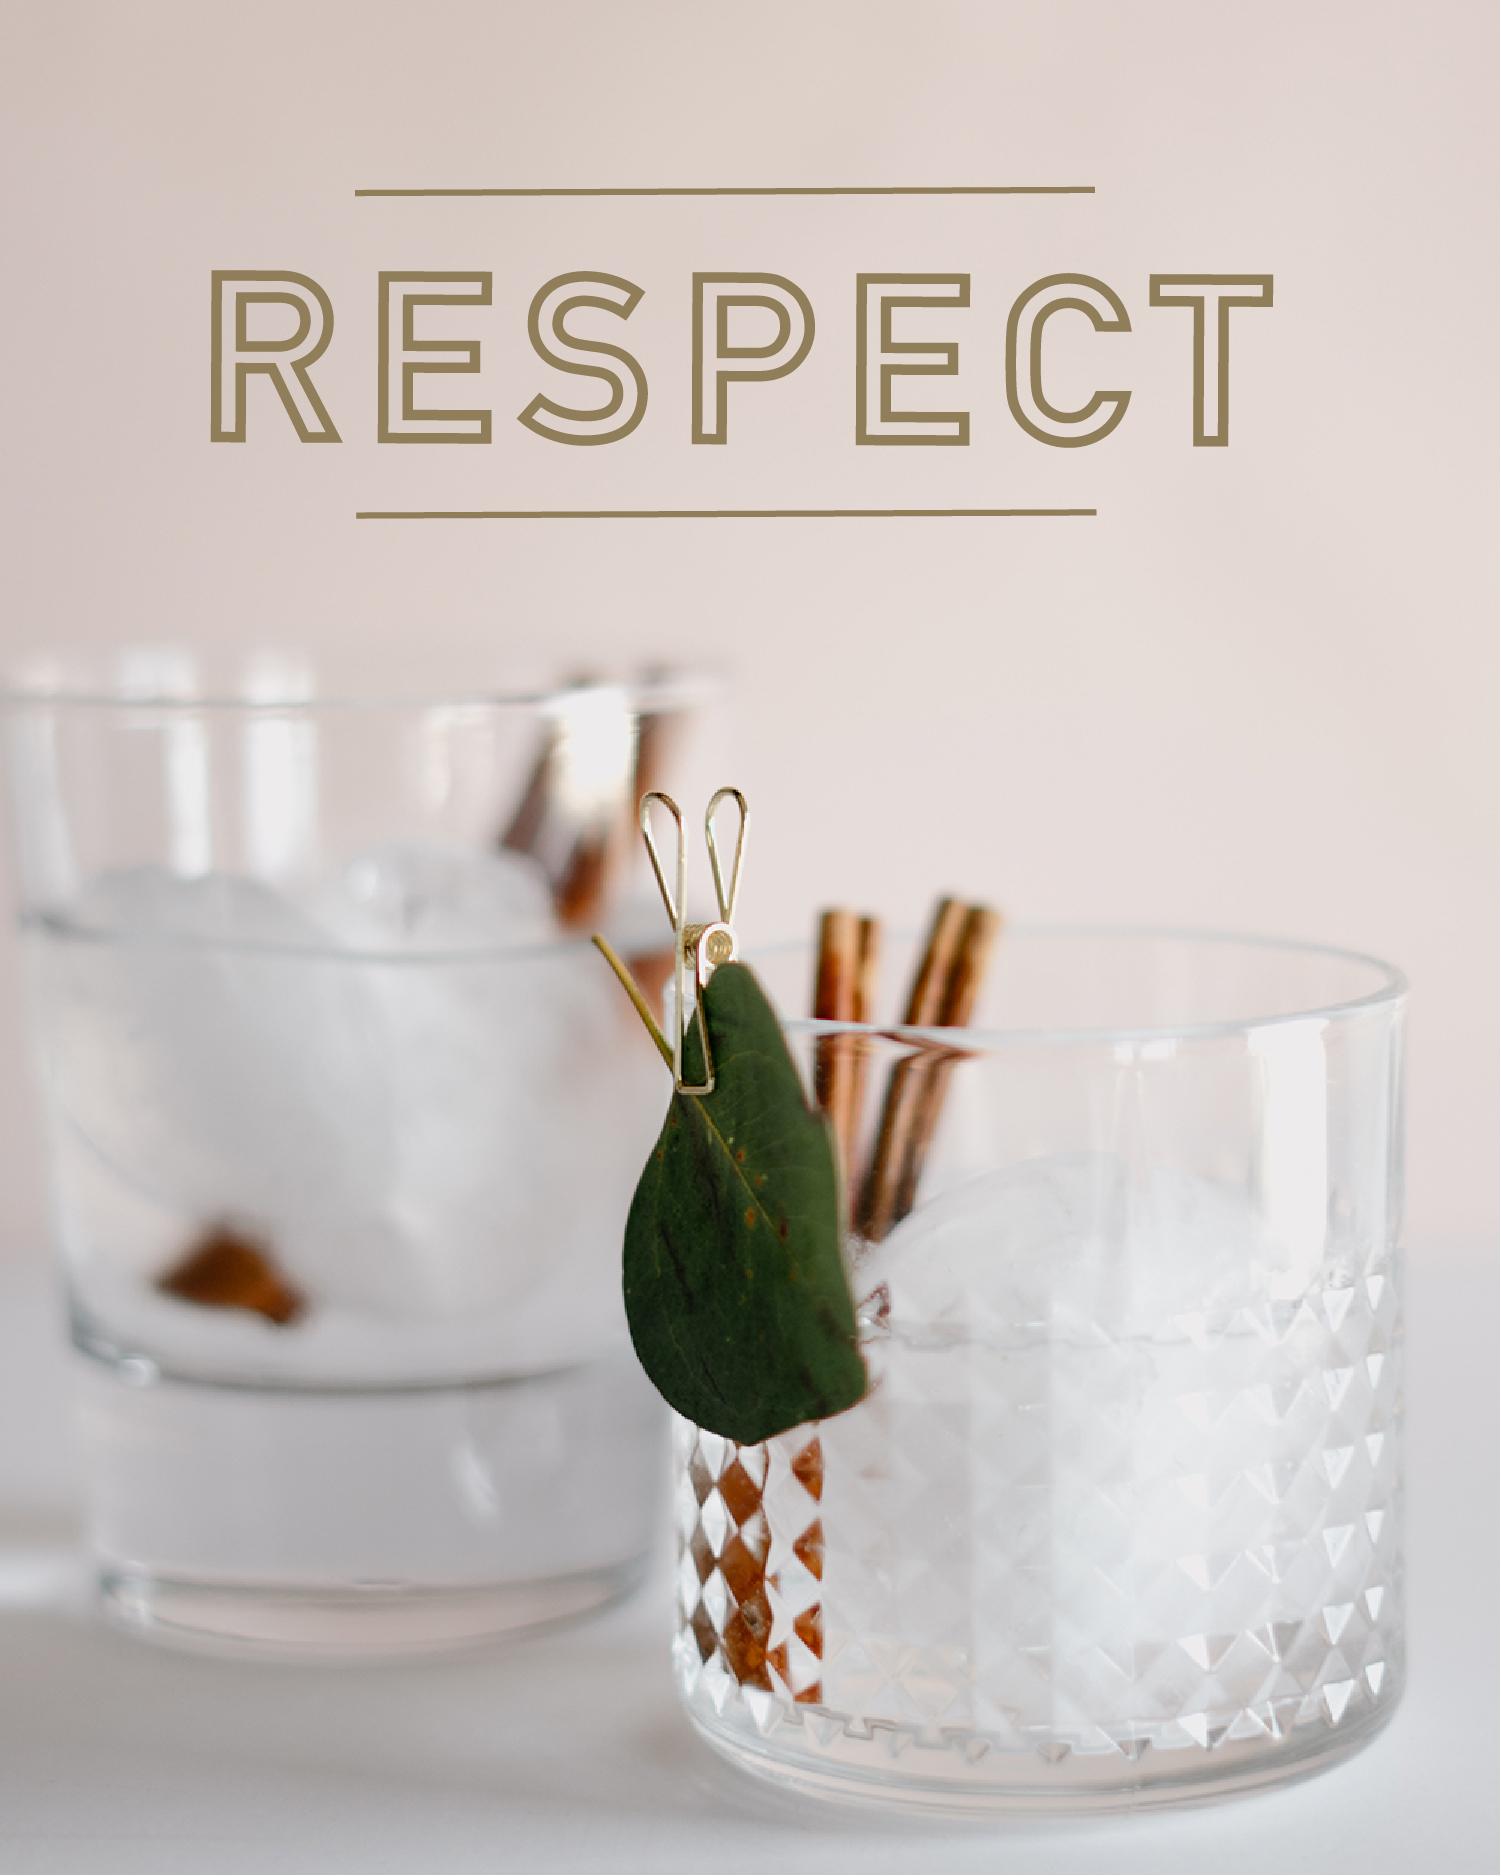 respect tasting.jpg